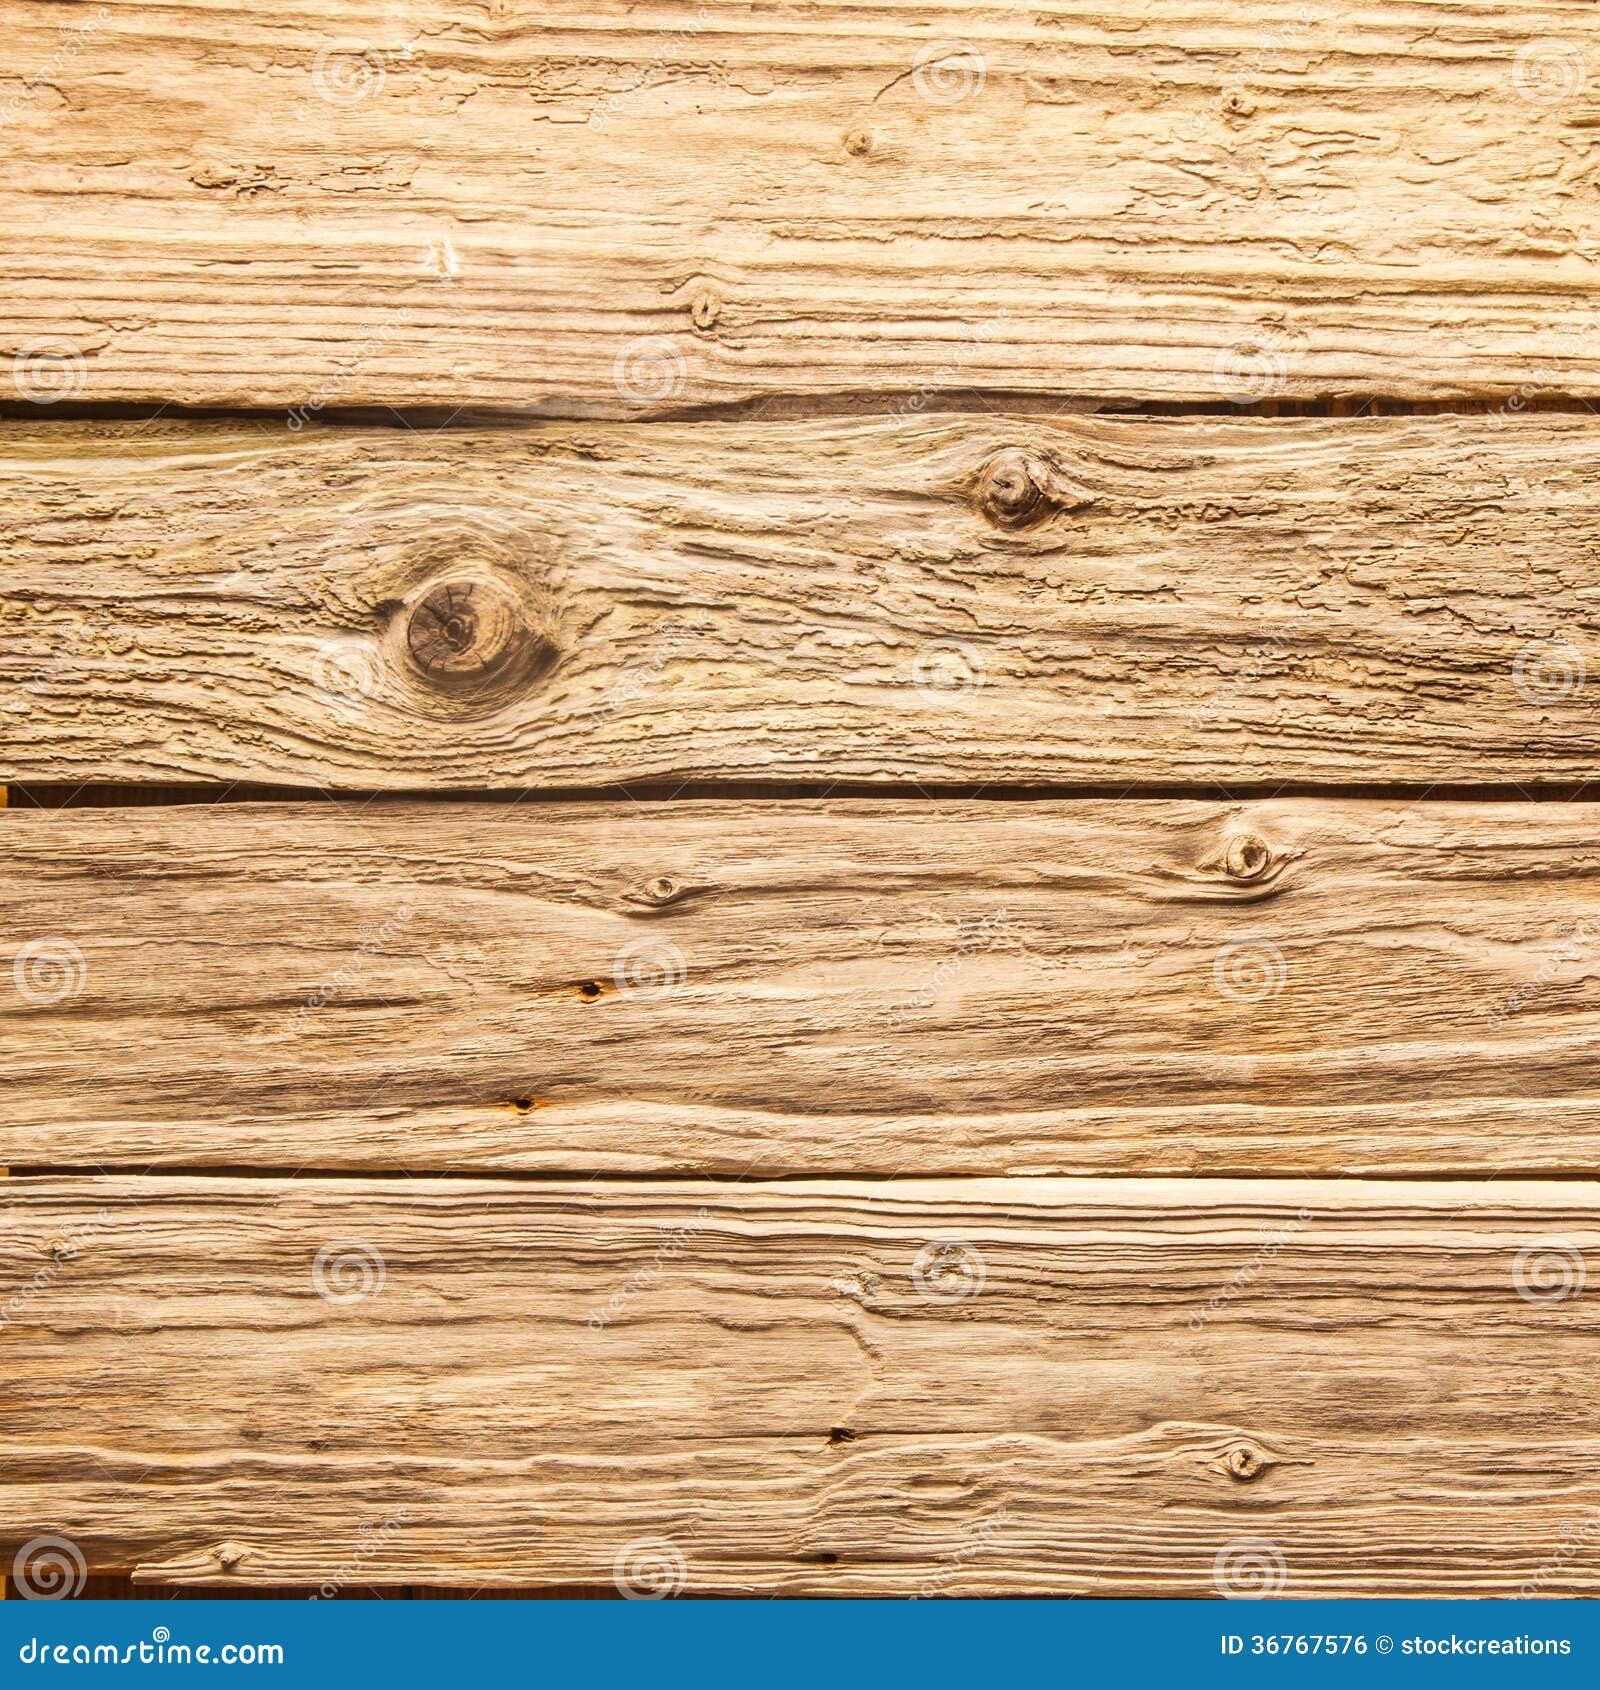 vieja textura de madera rstica spera del fondo - Madera Rustica